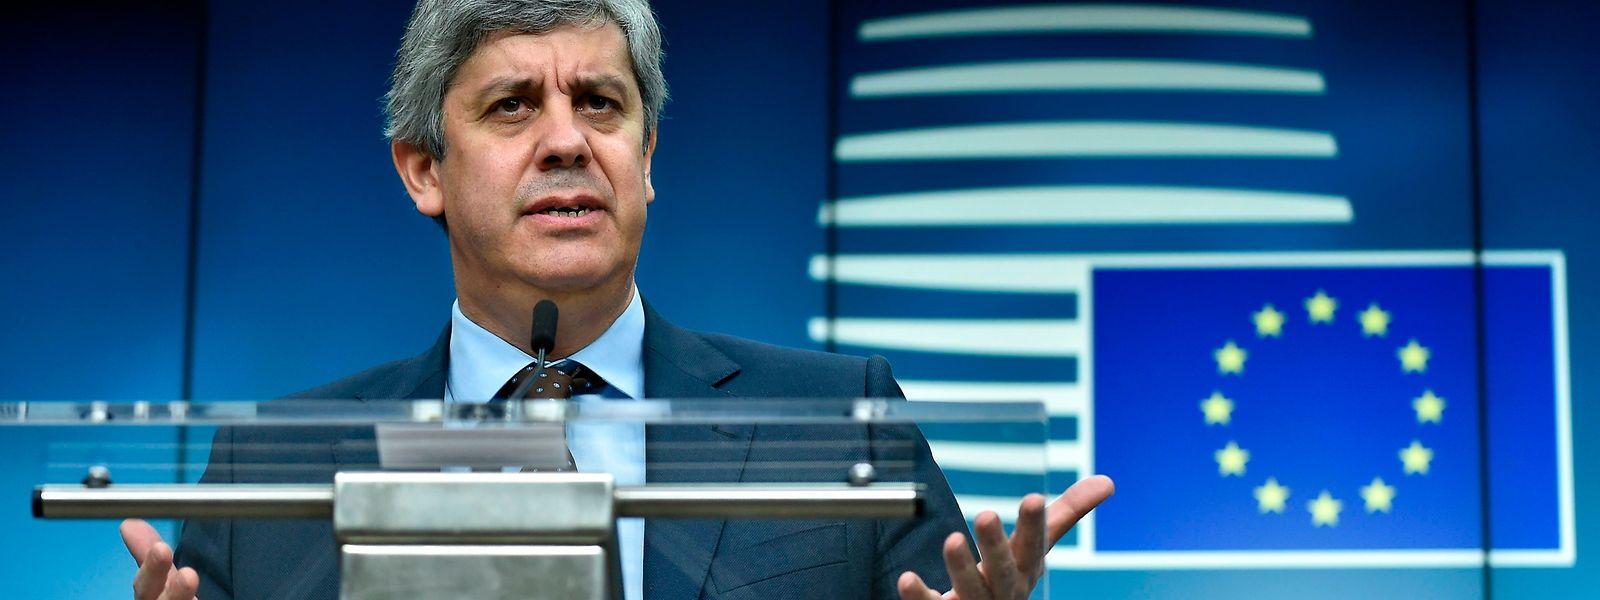 Eurogruppen-Chef Mario Centeno hat wegen des Covid-19-Virus zur Videokonferenz geladen.